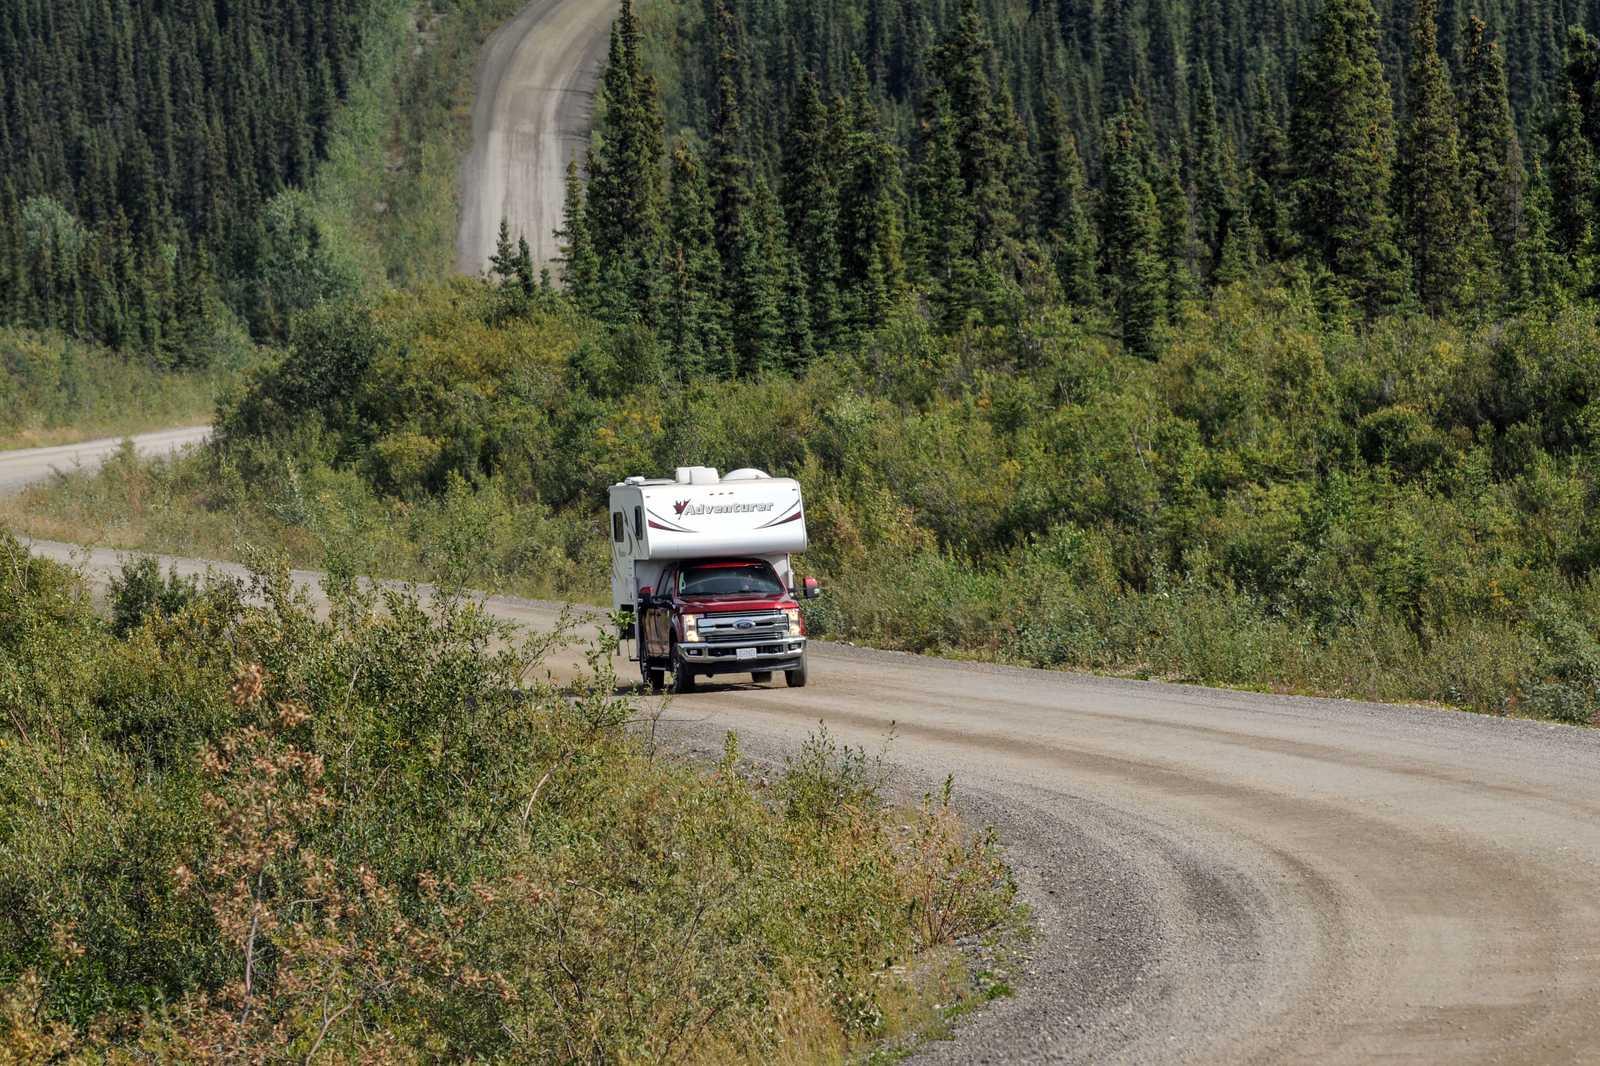 Roadtrip durch den Yukon mit einem Fraserway Truck Camper